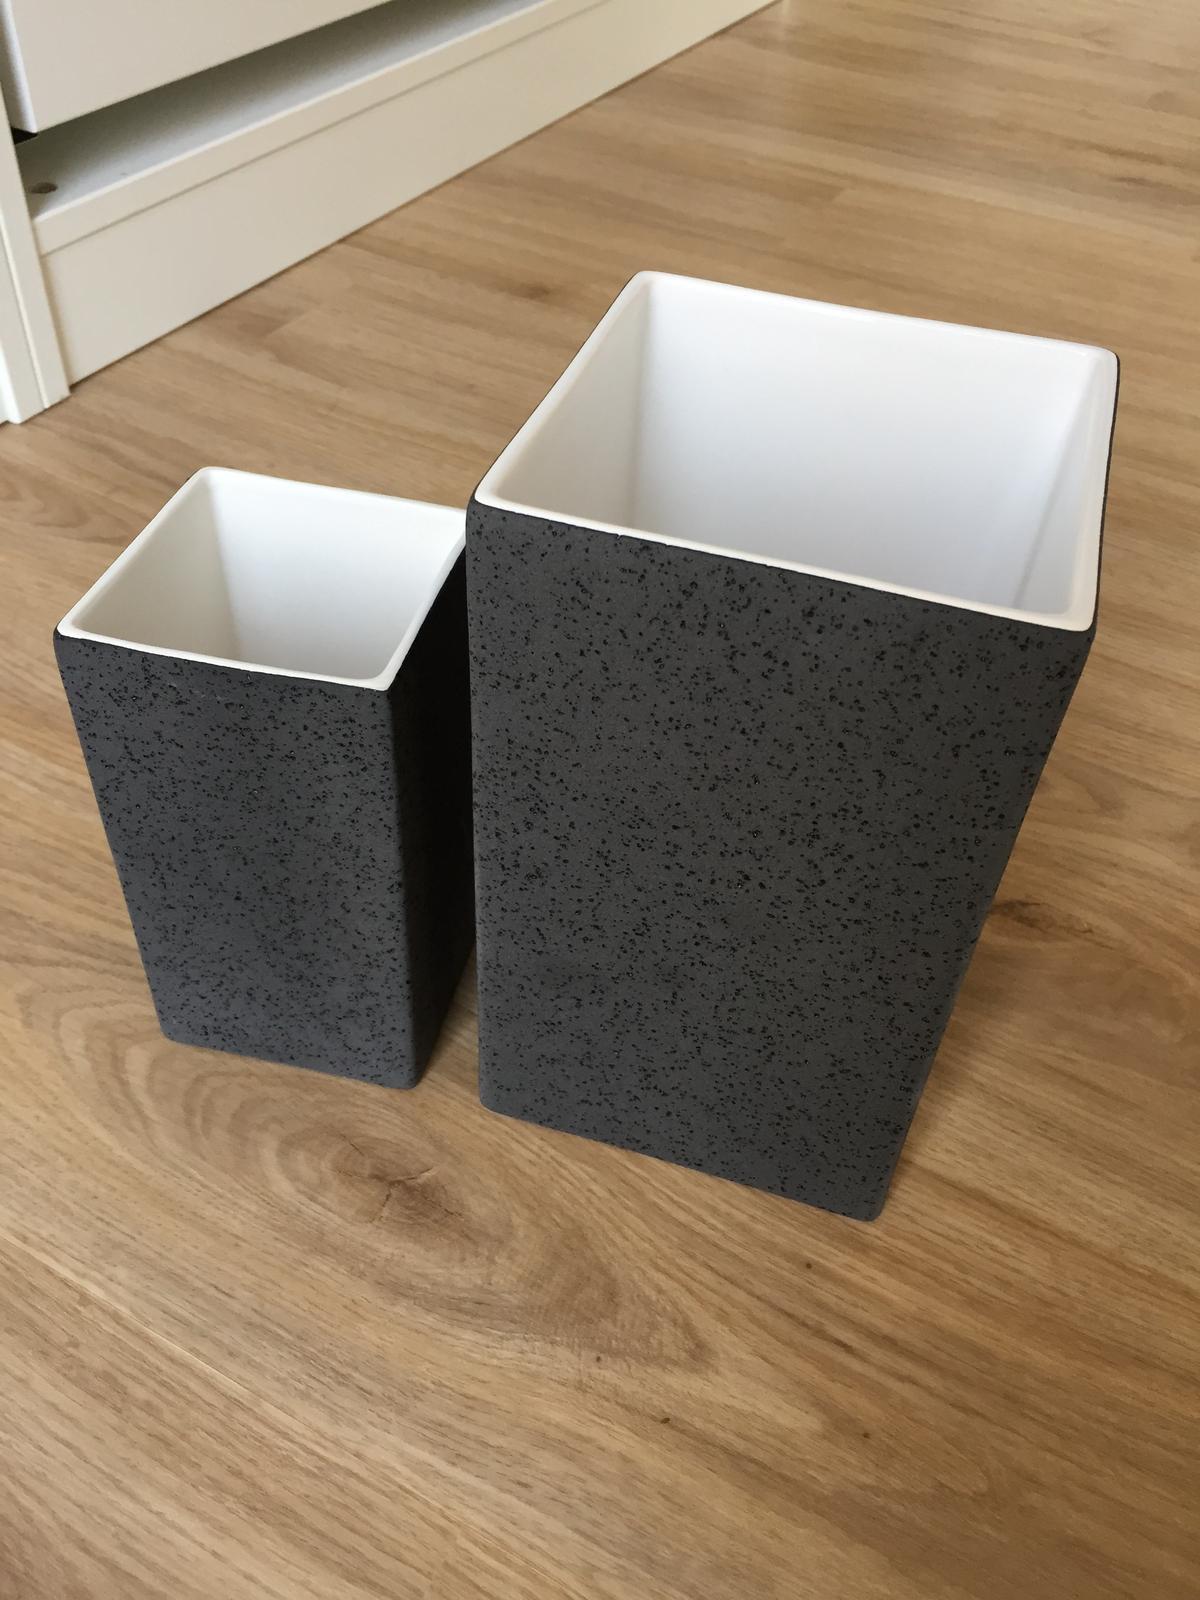 ASA Selection - vázy Quadro Lava - Obrázek č. 4